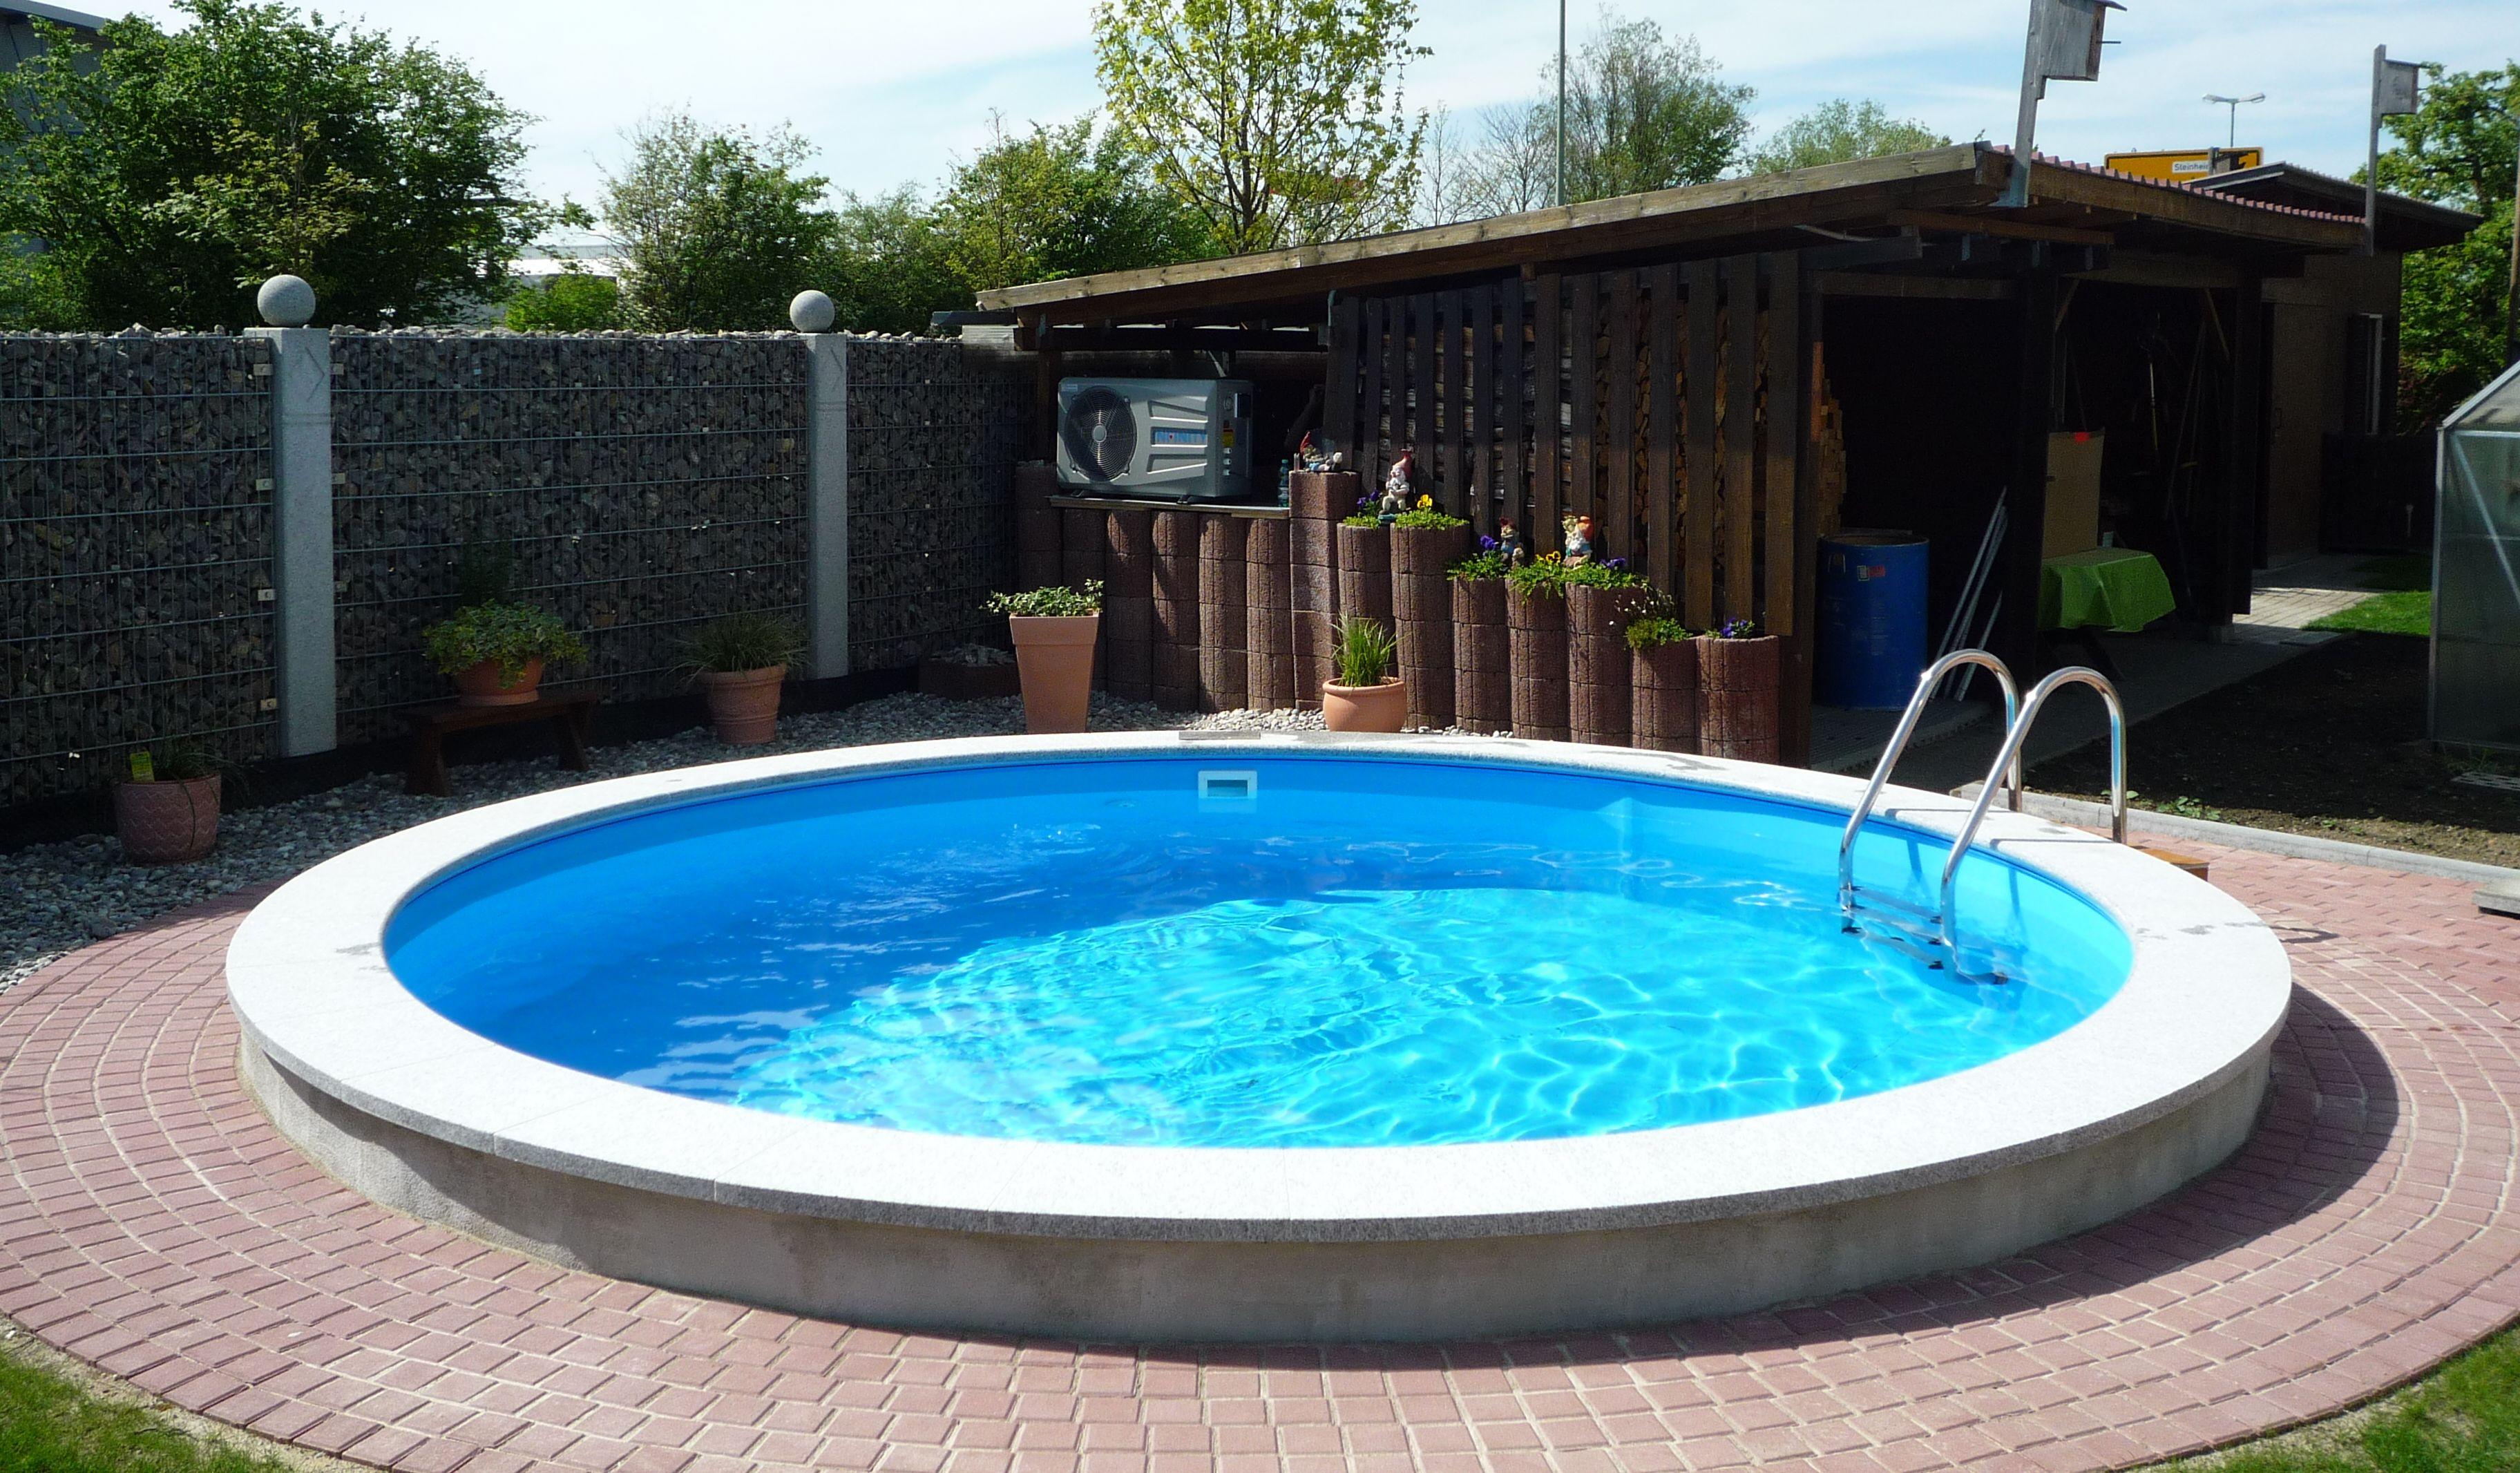 Bauen sie ihren pool selbst wir helfen for Folie pool rund